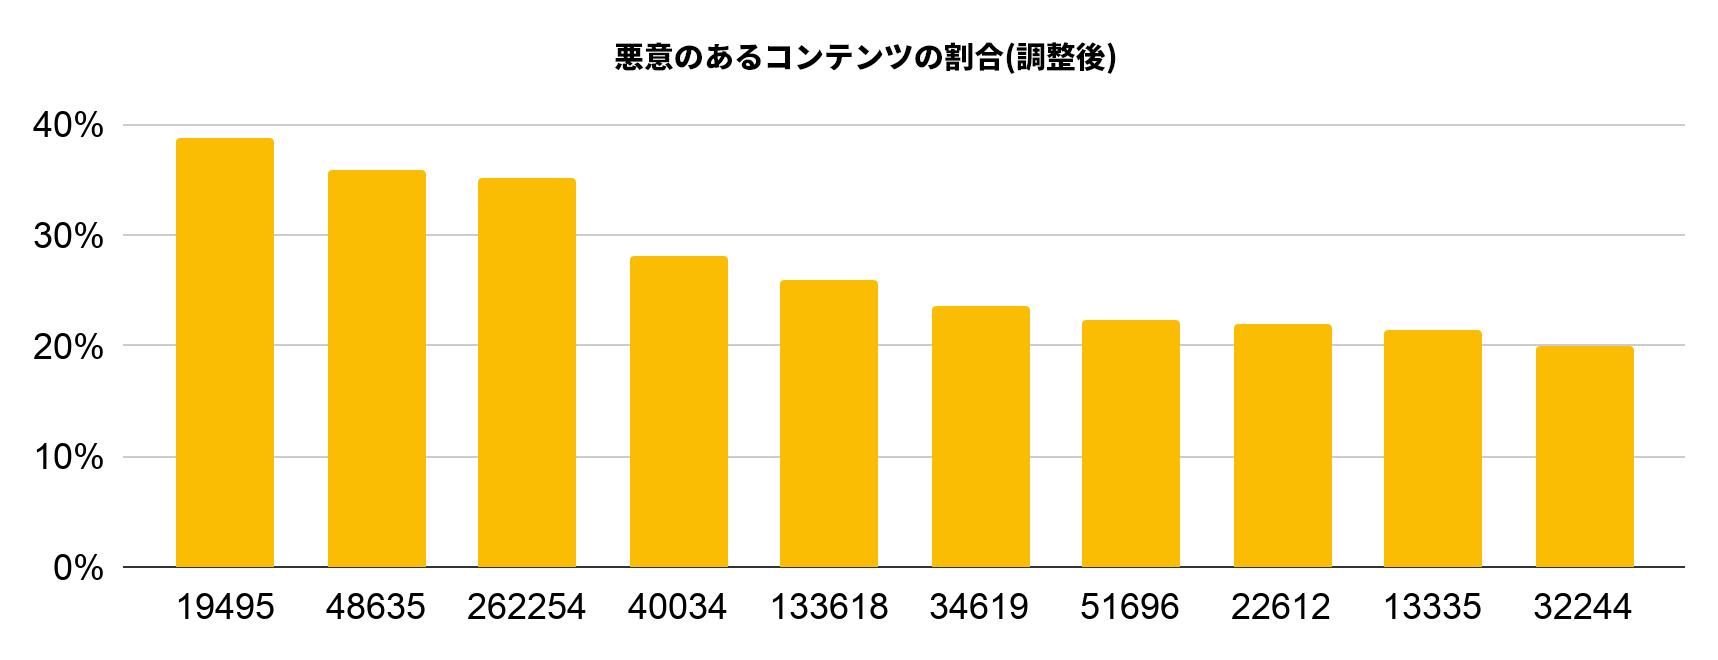 調整悪質率によりランク付けされた、2019年12月にサイバースクワッティングにより最も悪用された上位10件の自律システムは、19495、48635、262254、40034、133618、34619、51696、22612、13335、および32244です。